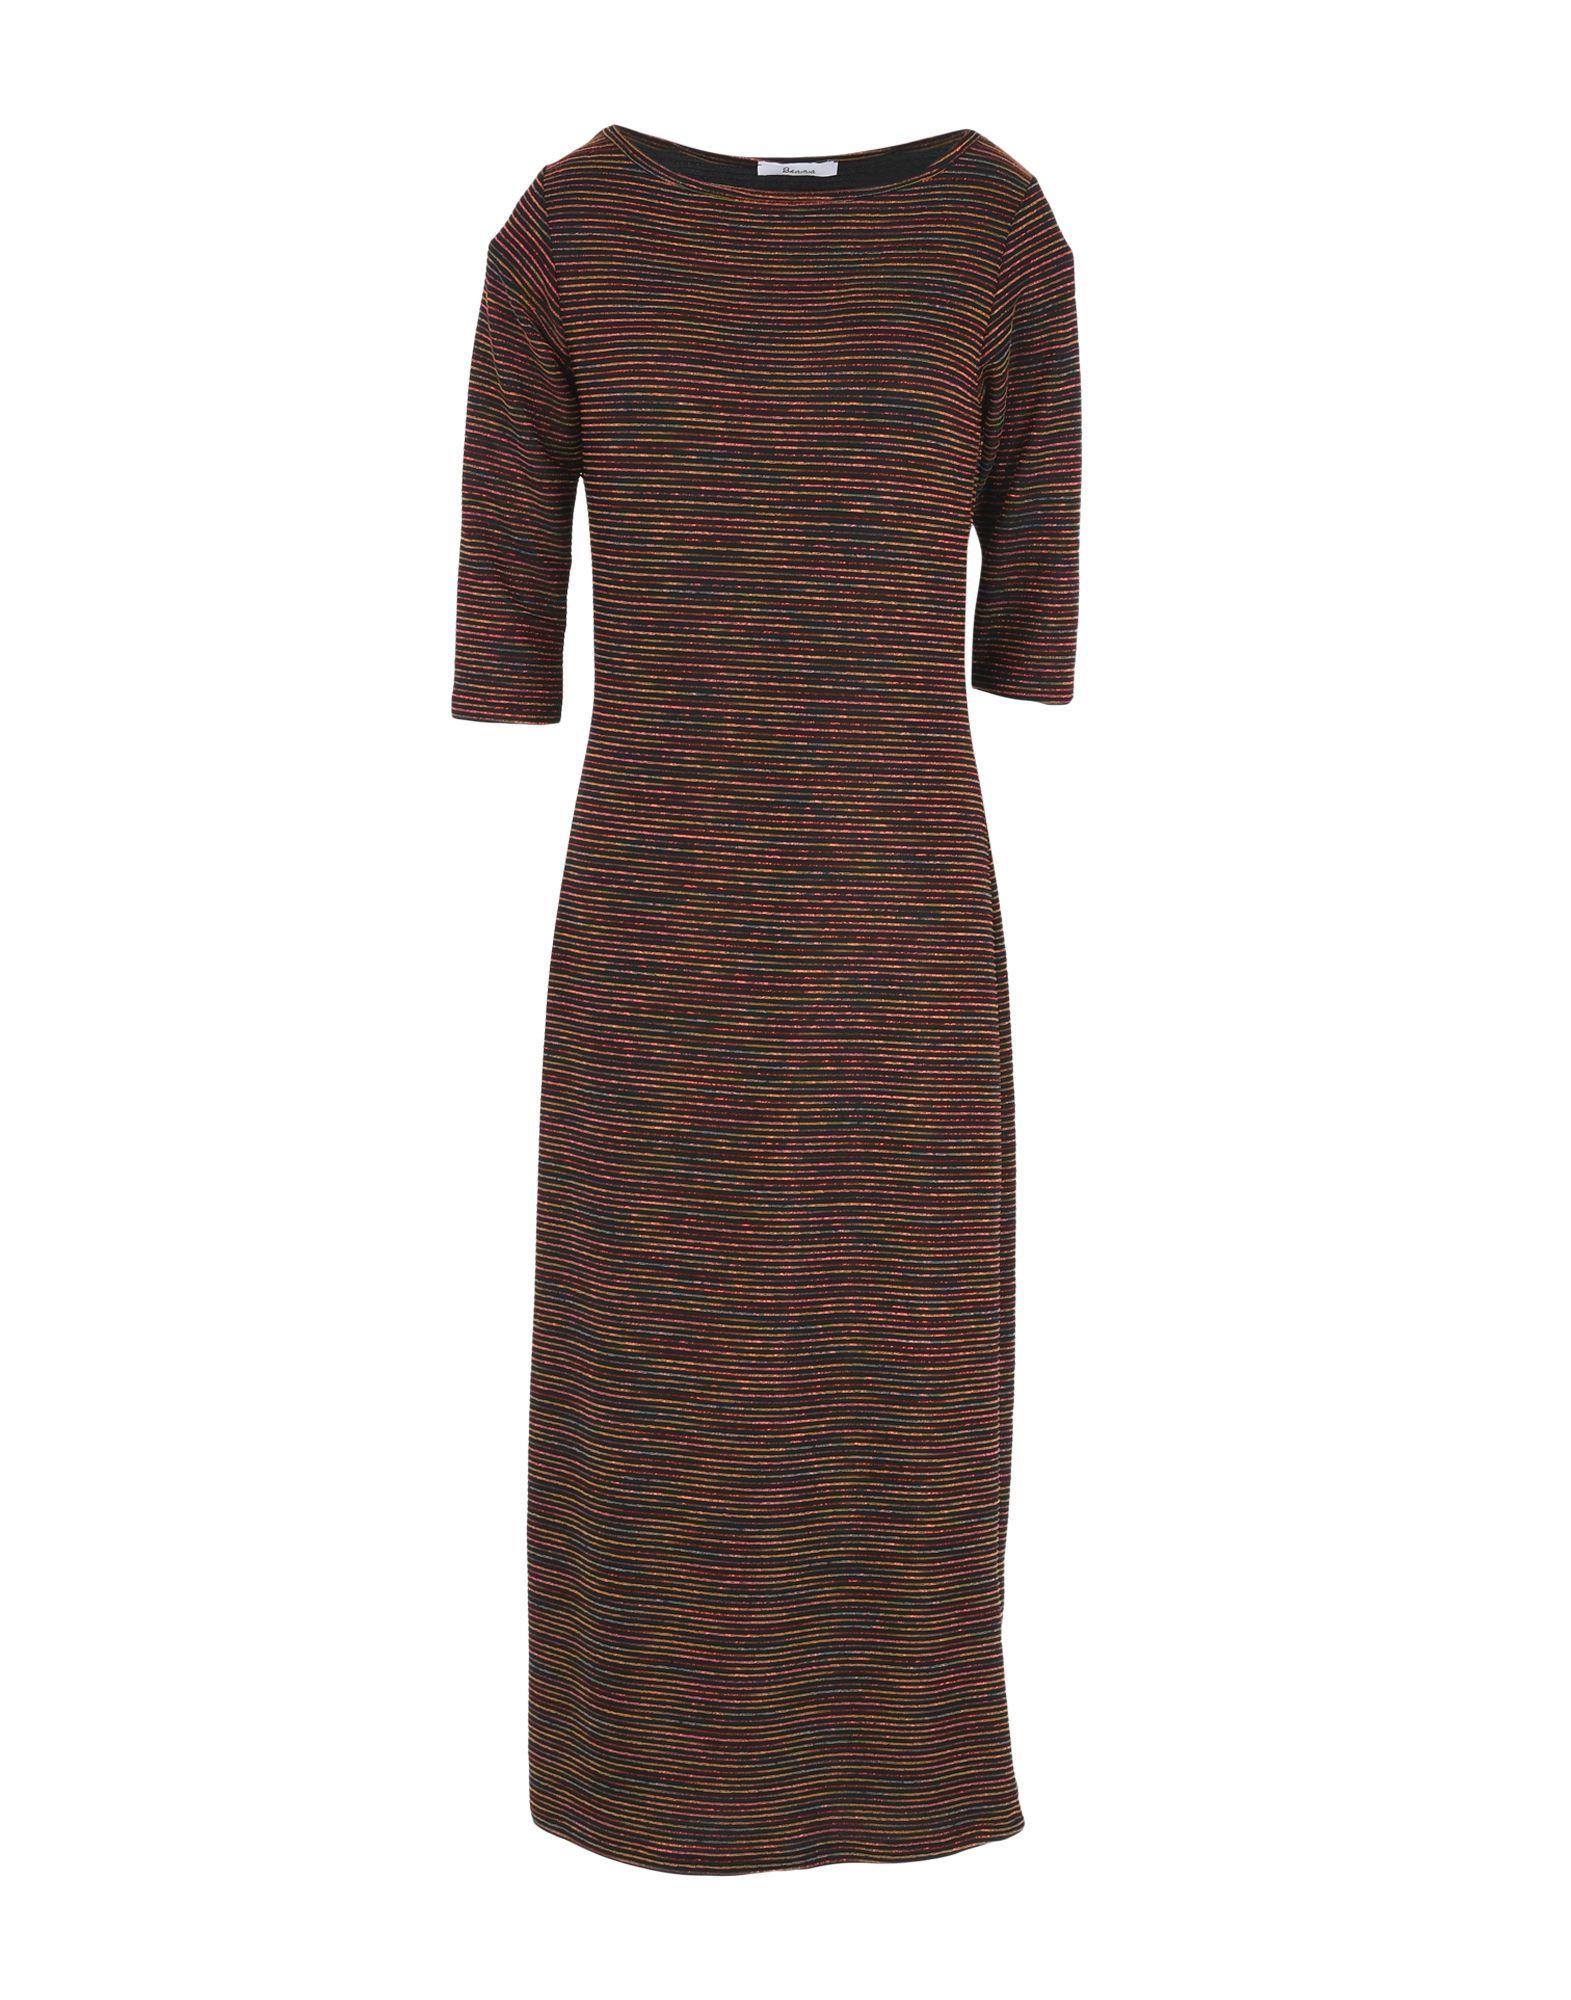 BERNA Платье длиной 3/4 tenax платье длиной 3 4